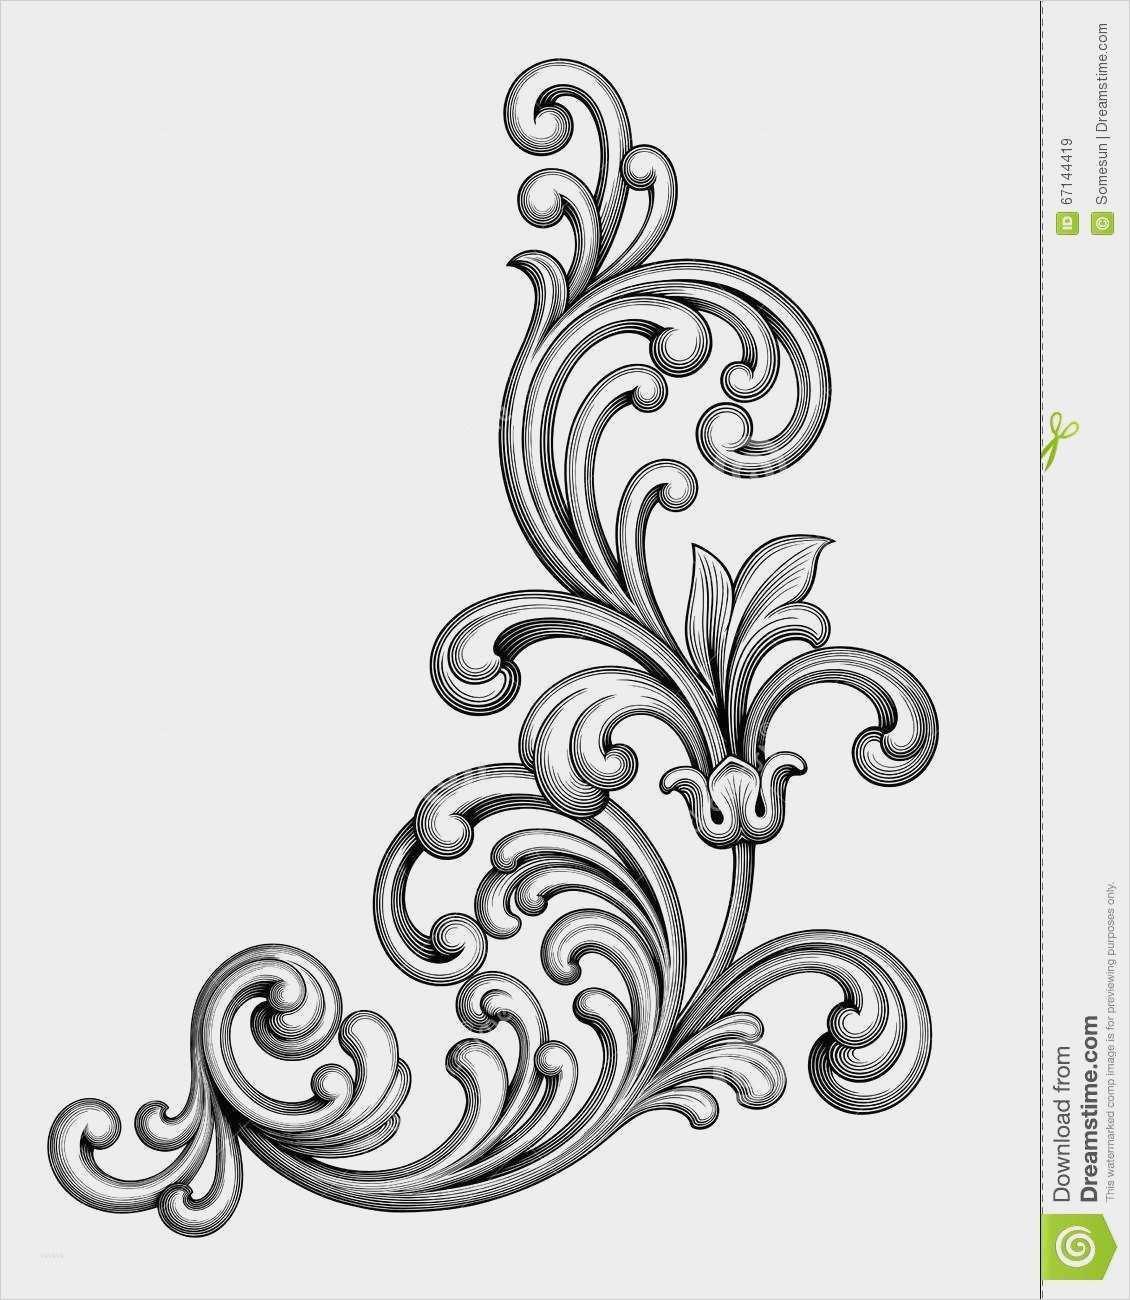 Florale Ornamente Vorlagen Kostenlos In 2020 Mit Bildern